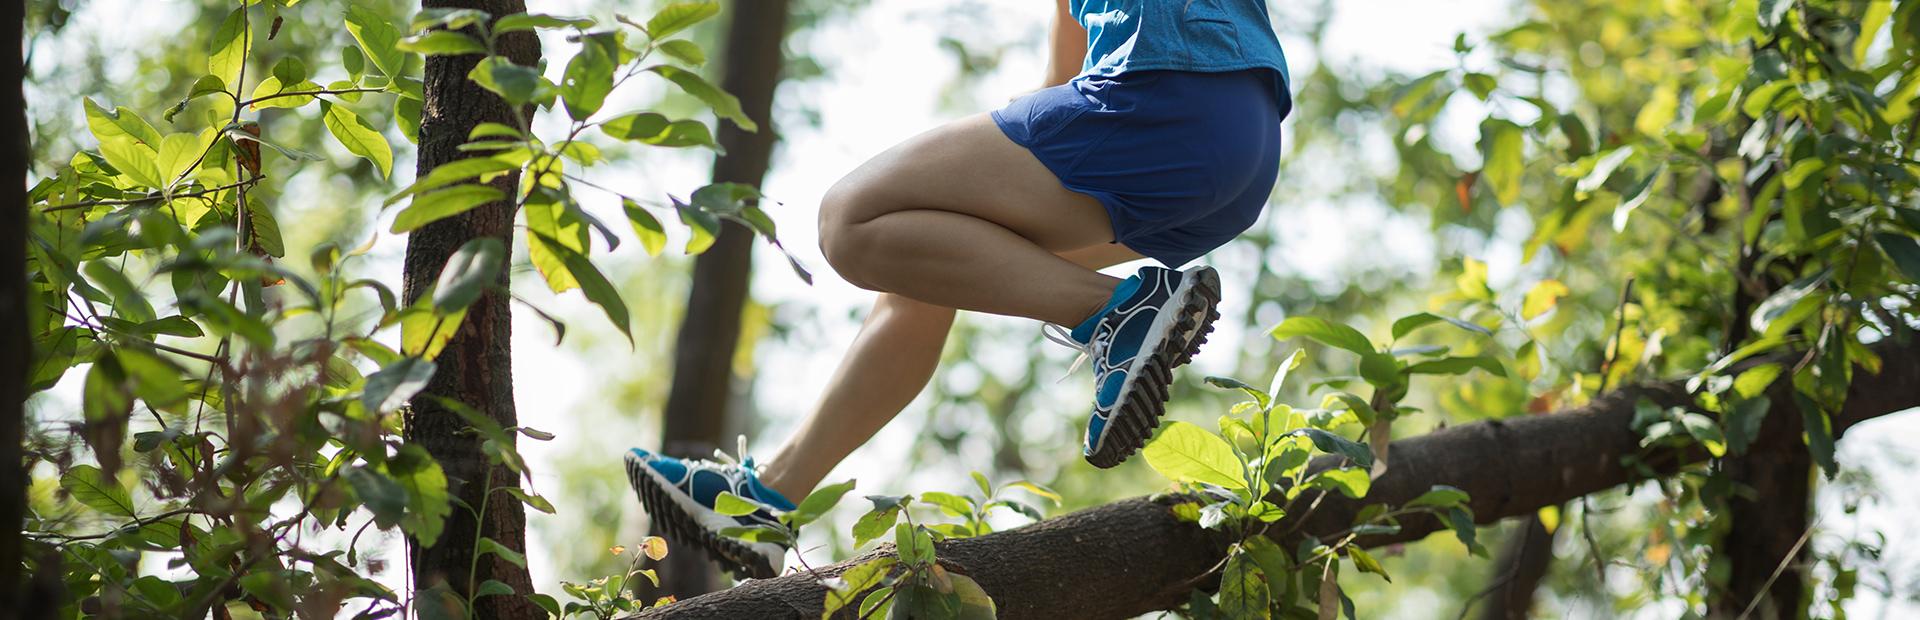 Biegacz podczas przeskakiwania przeszkody, zwalonego konaru drzewa na leśnej ścieżce.